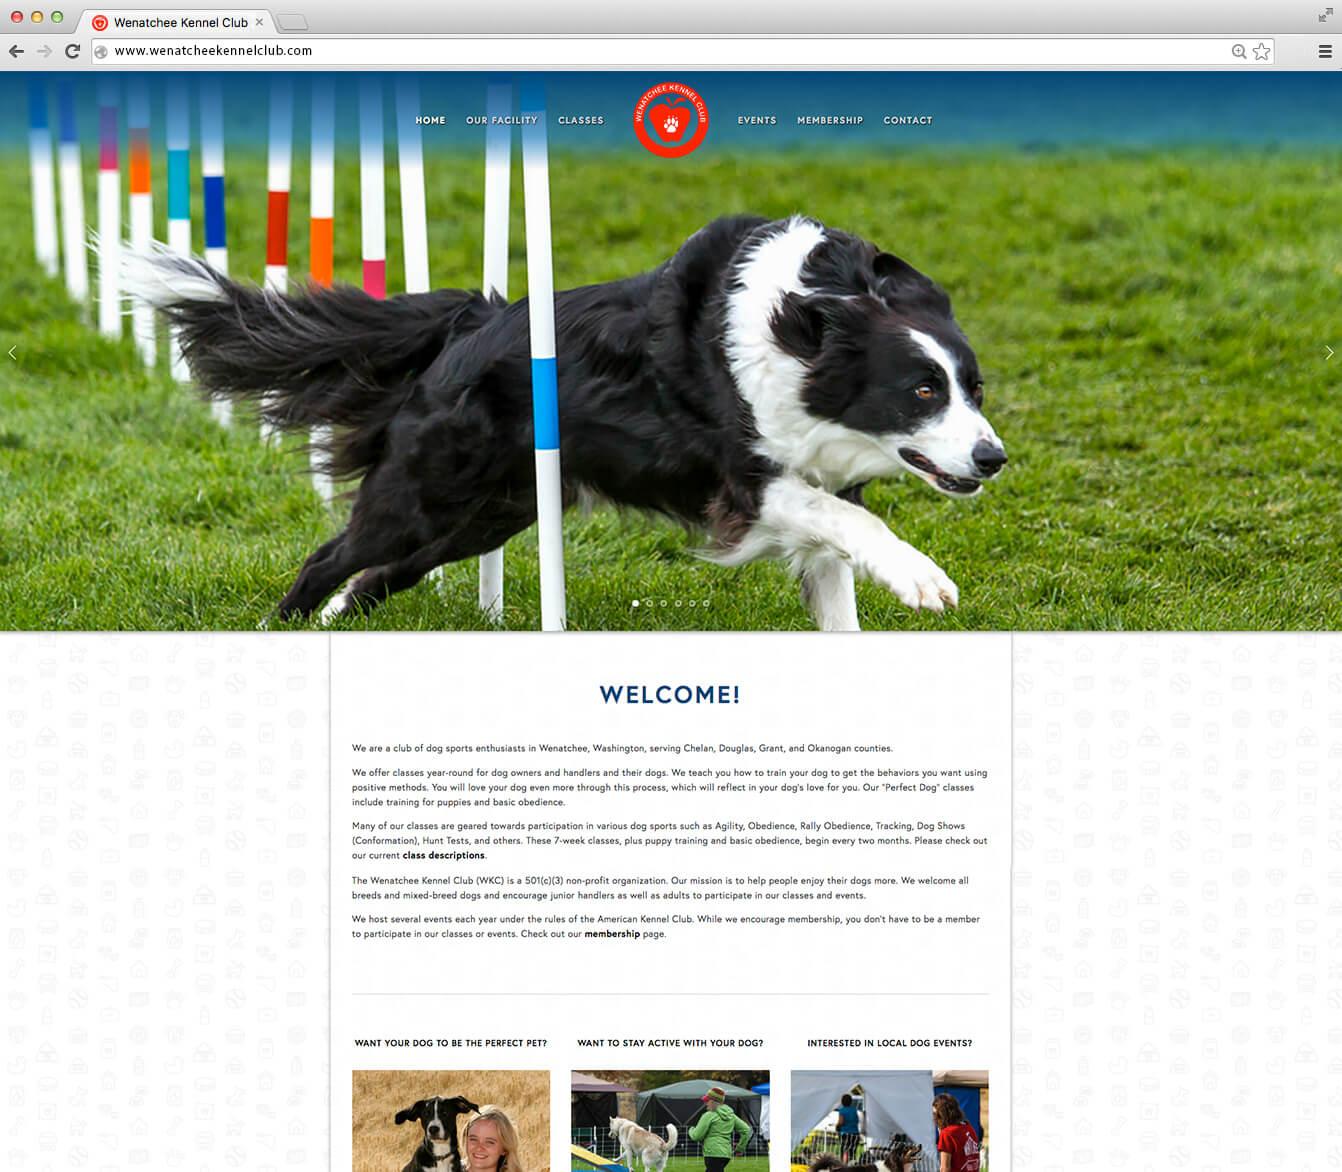 Wenatchee Kennel Club